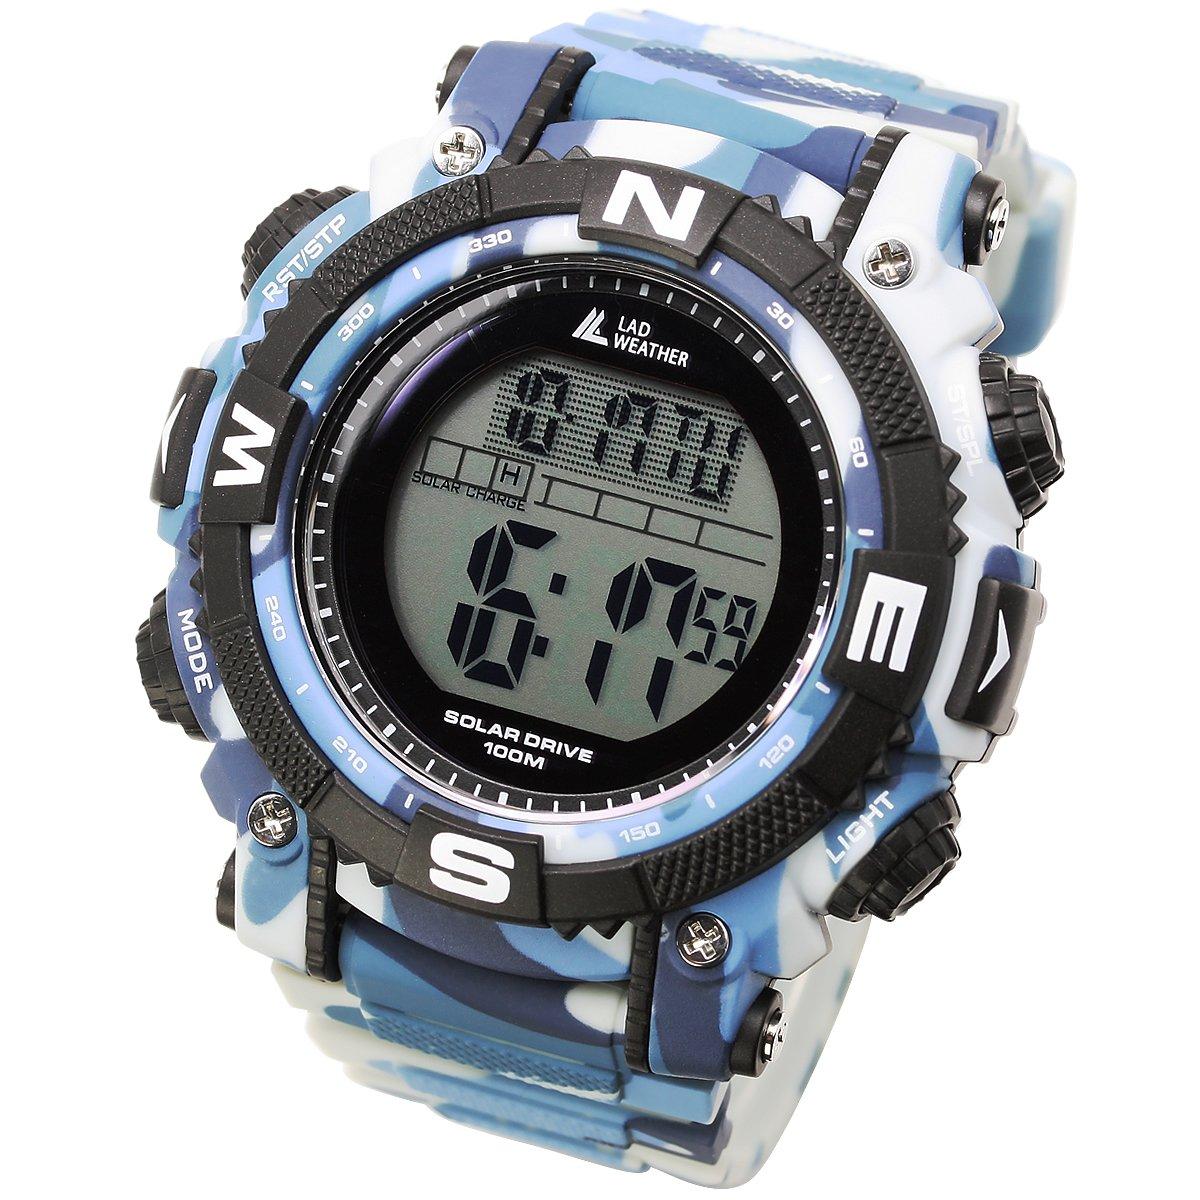 [Lad Weather] potente energía Solar Digital reloj deportivo militar vueltas reloj para hombre